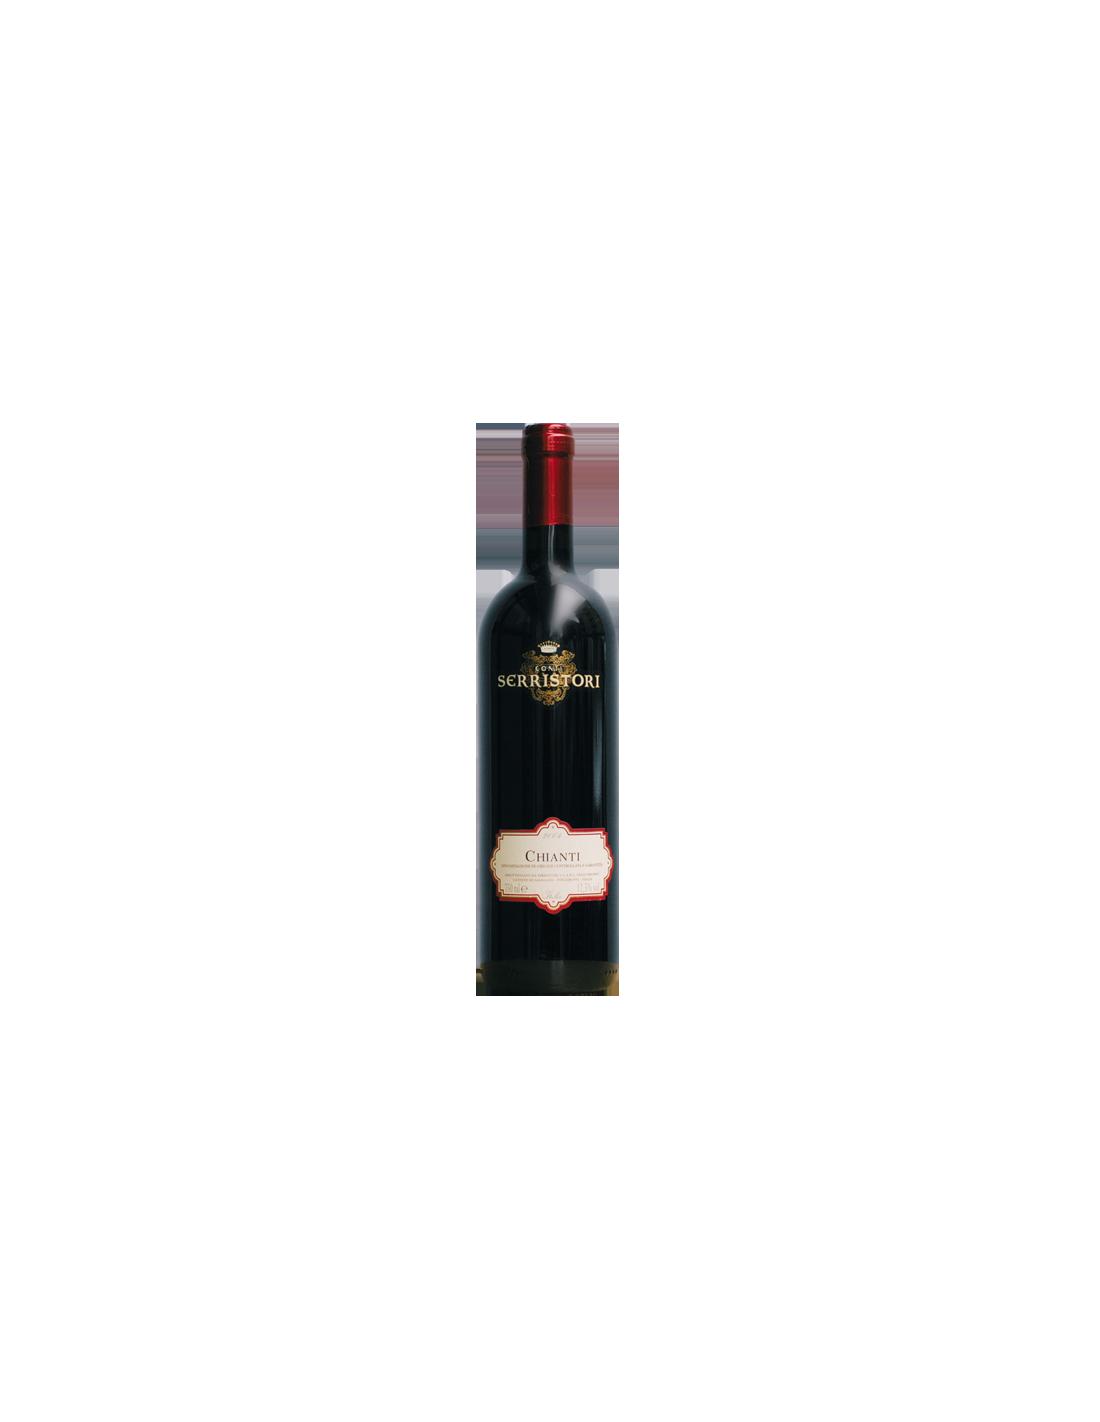 Vin rosu sec, Sangiovese, Chianti, 0.75L, 12.5% alc., Italia